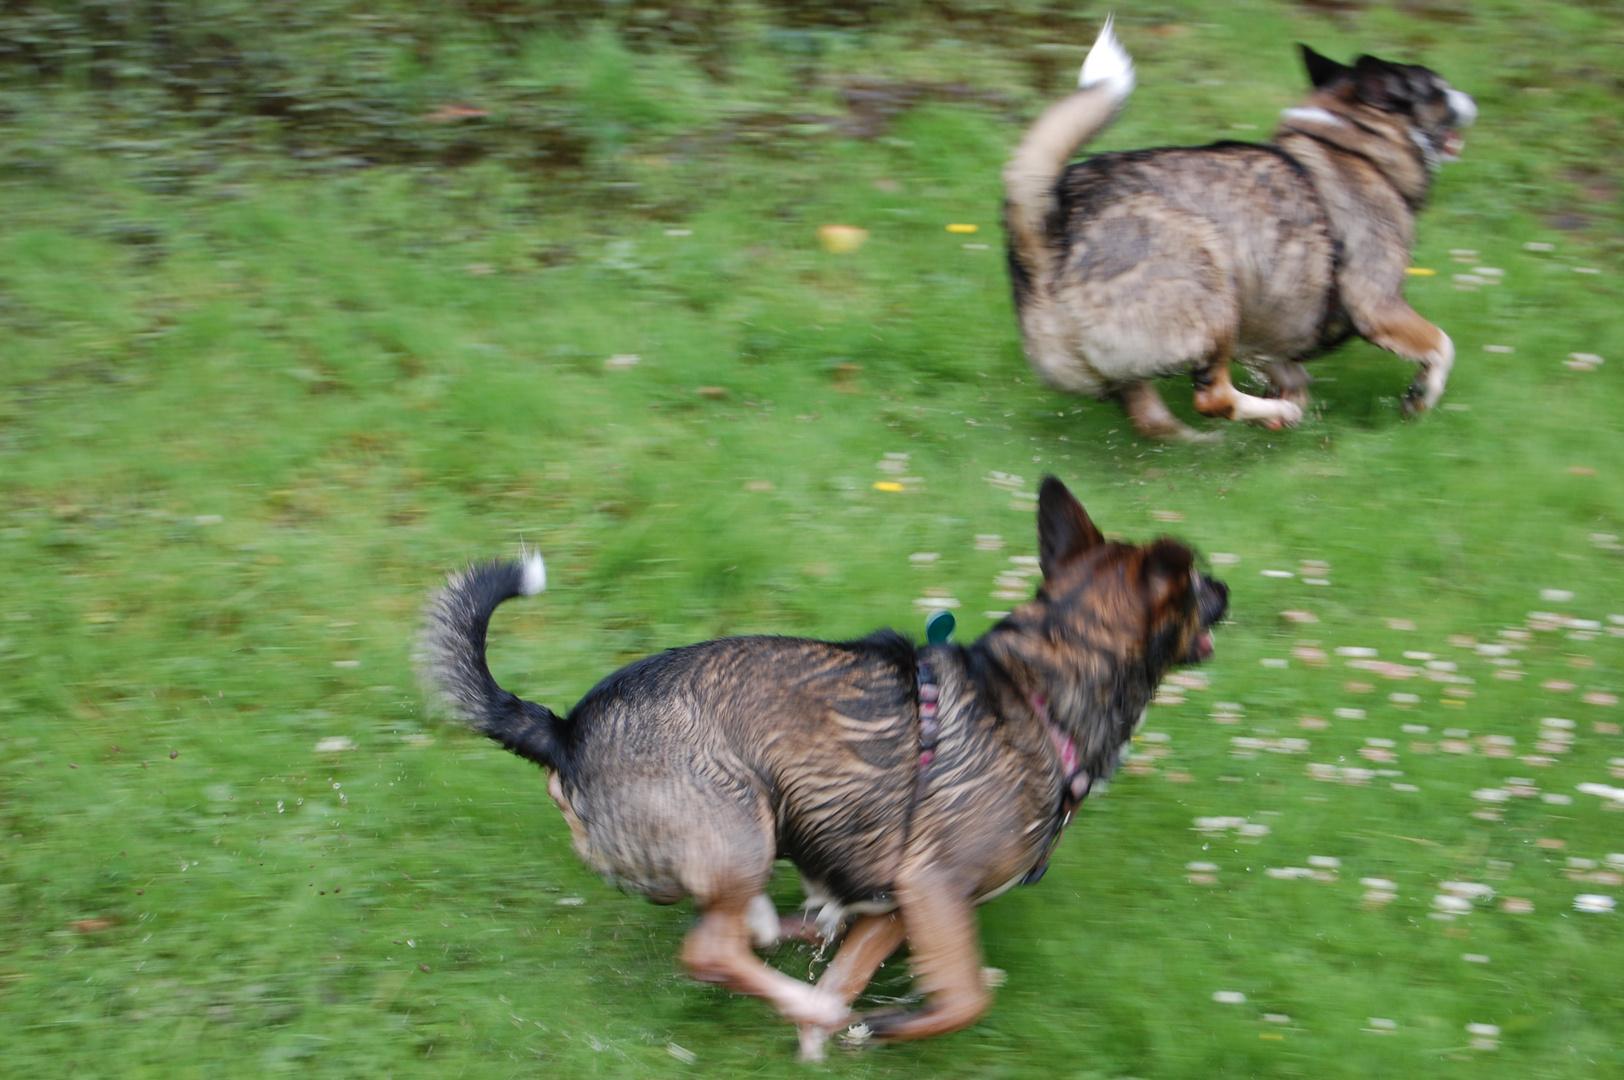 Unsere beiden Hunde beim Toben